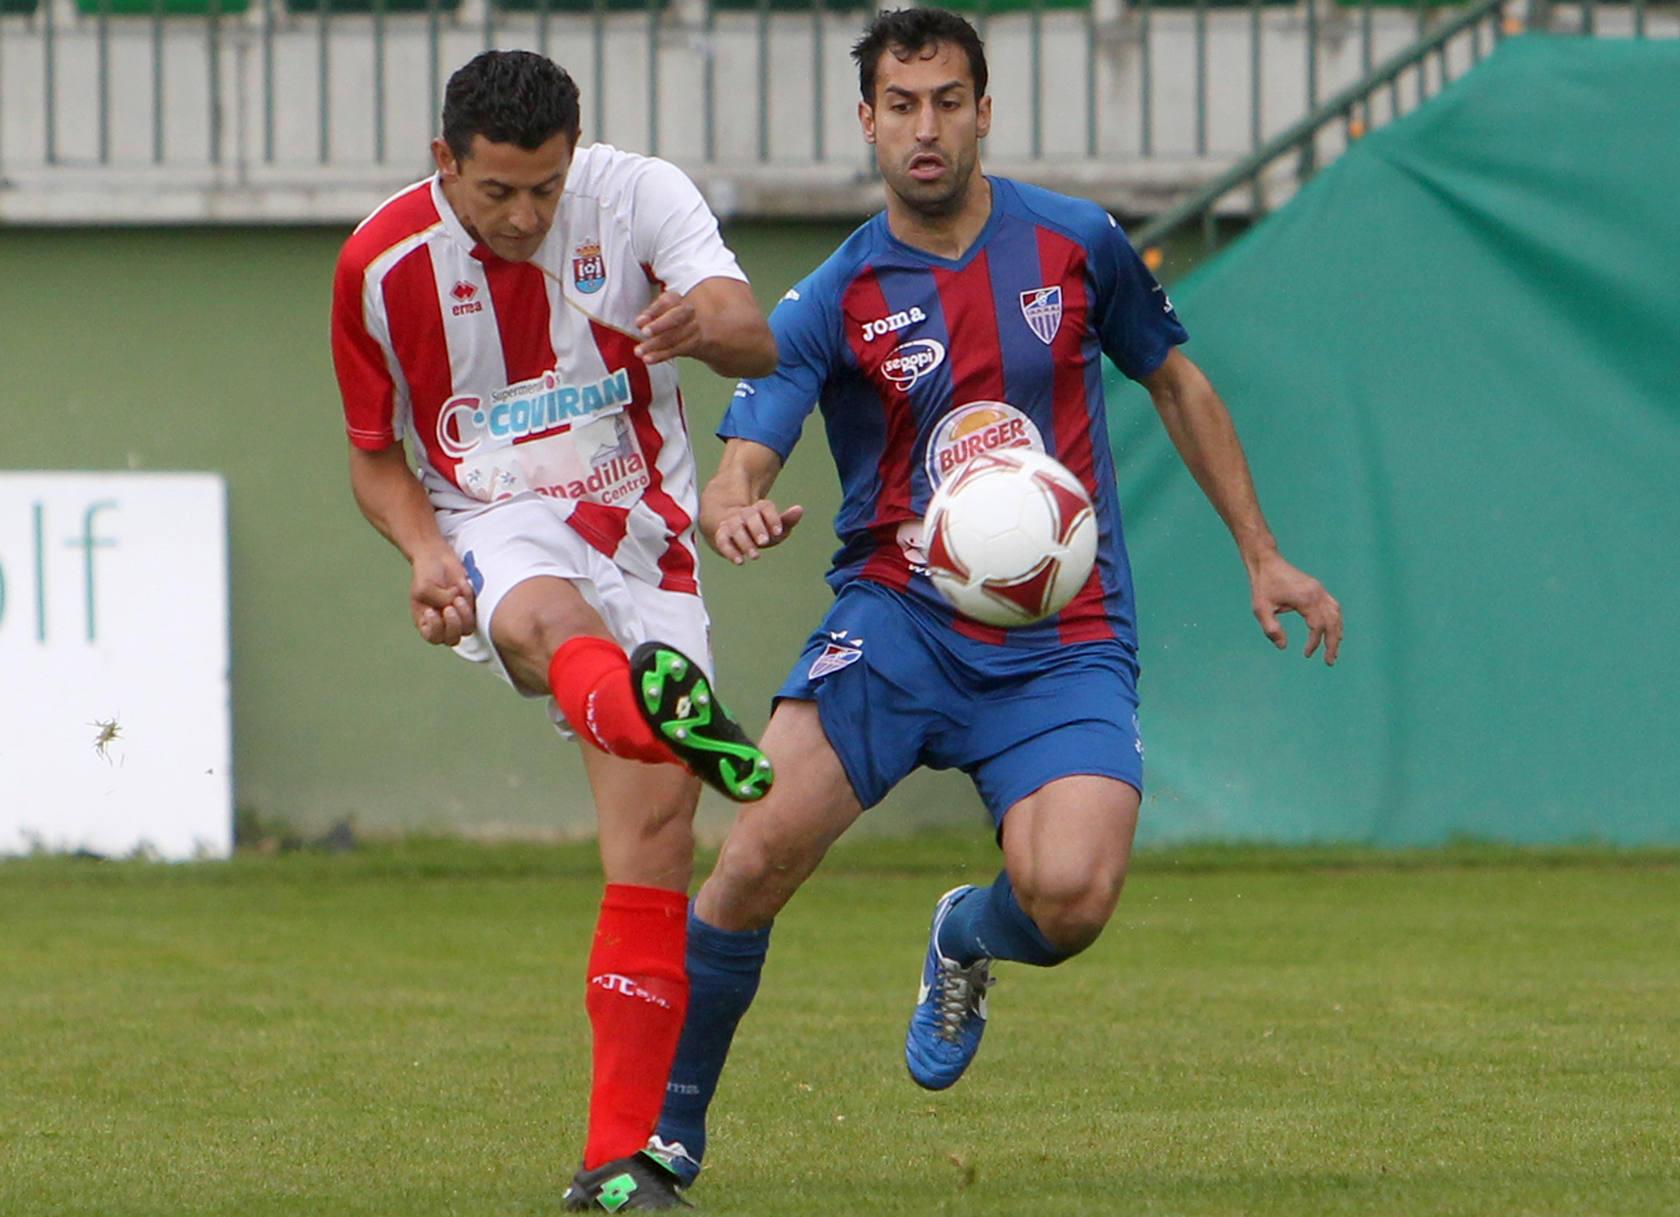 Gimnástica Segoviana 1-0 Atco. Granadilla